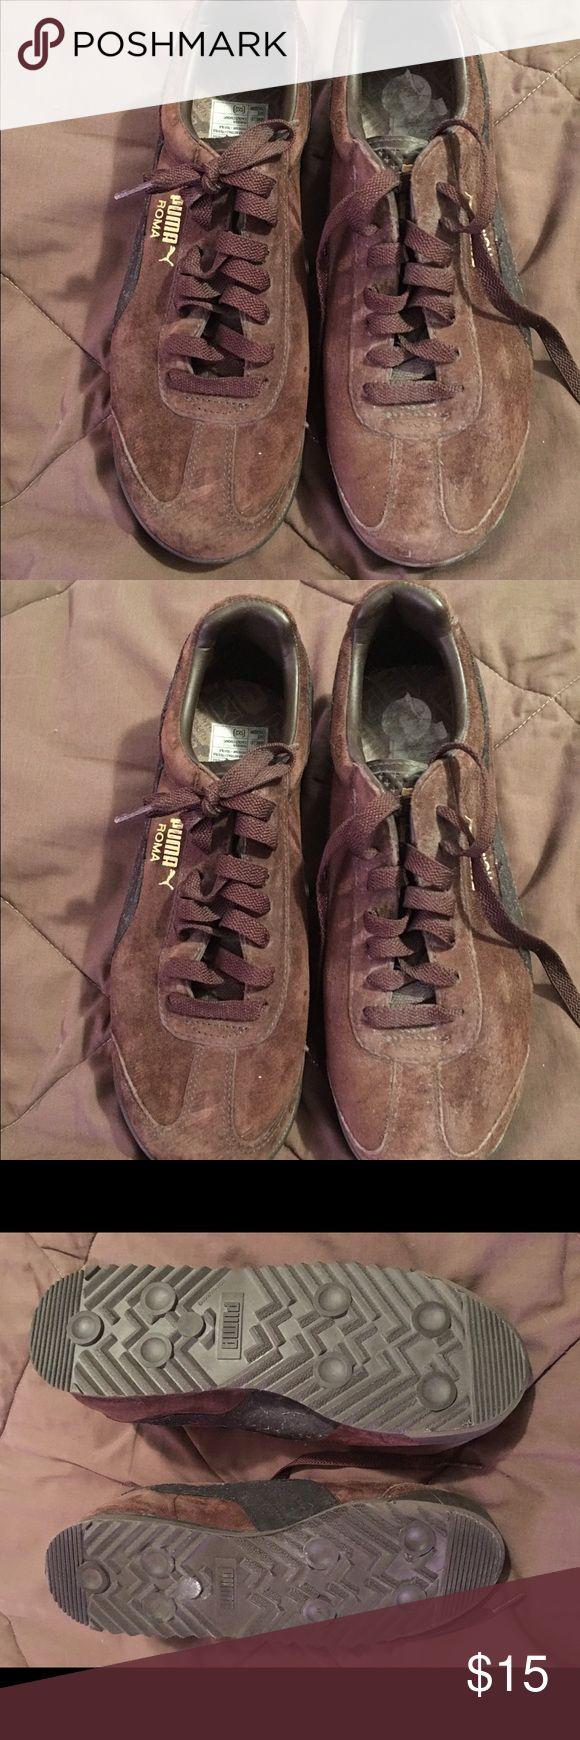 Puma brown w/black stripe tennis shoes size 8 Puma brown w/black stripe tennis shoes size 8 Puma Shoes Sneakers